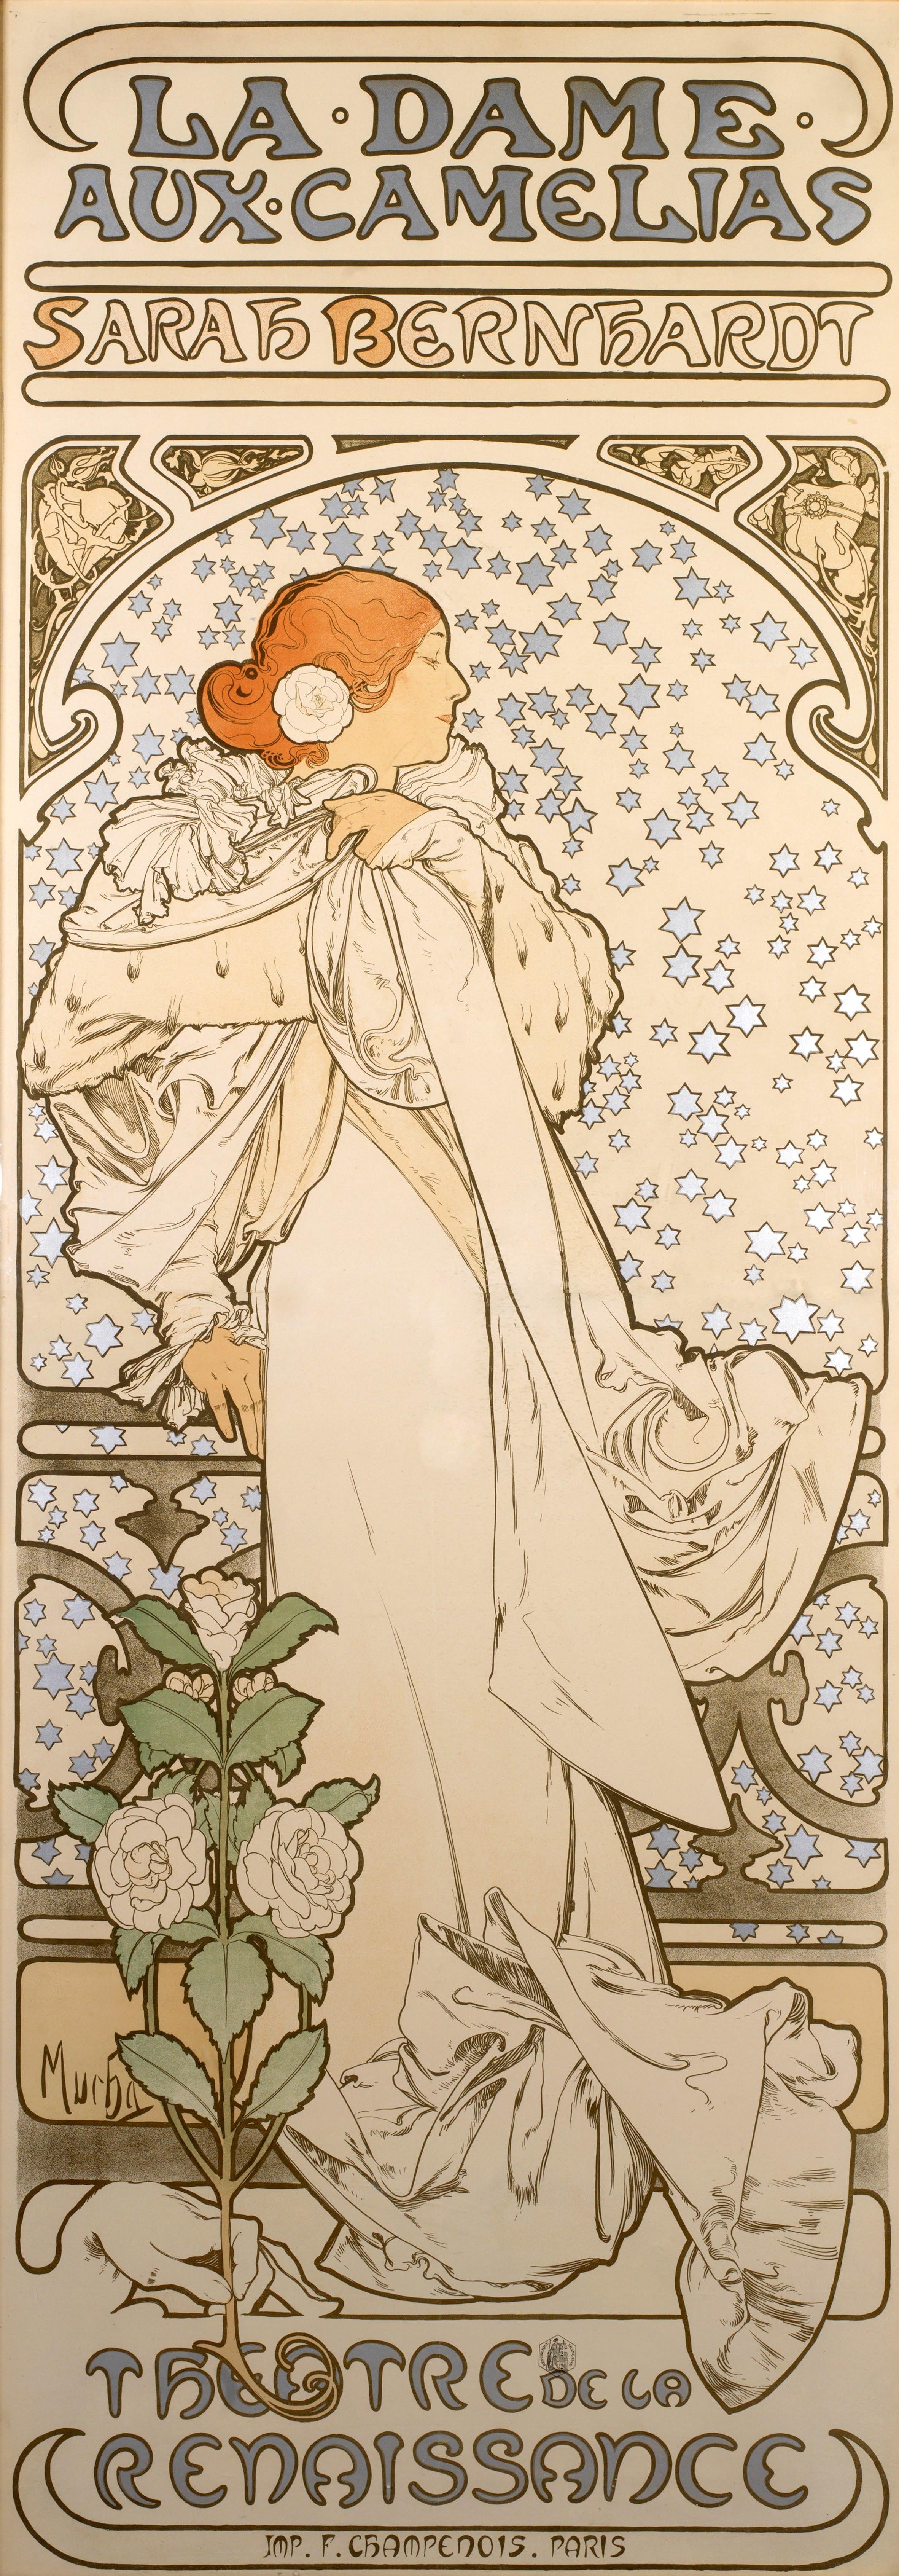 6 La Dame Aux Camélias By Alphonse Mucha 1896